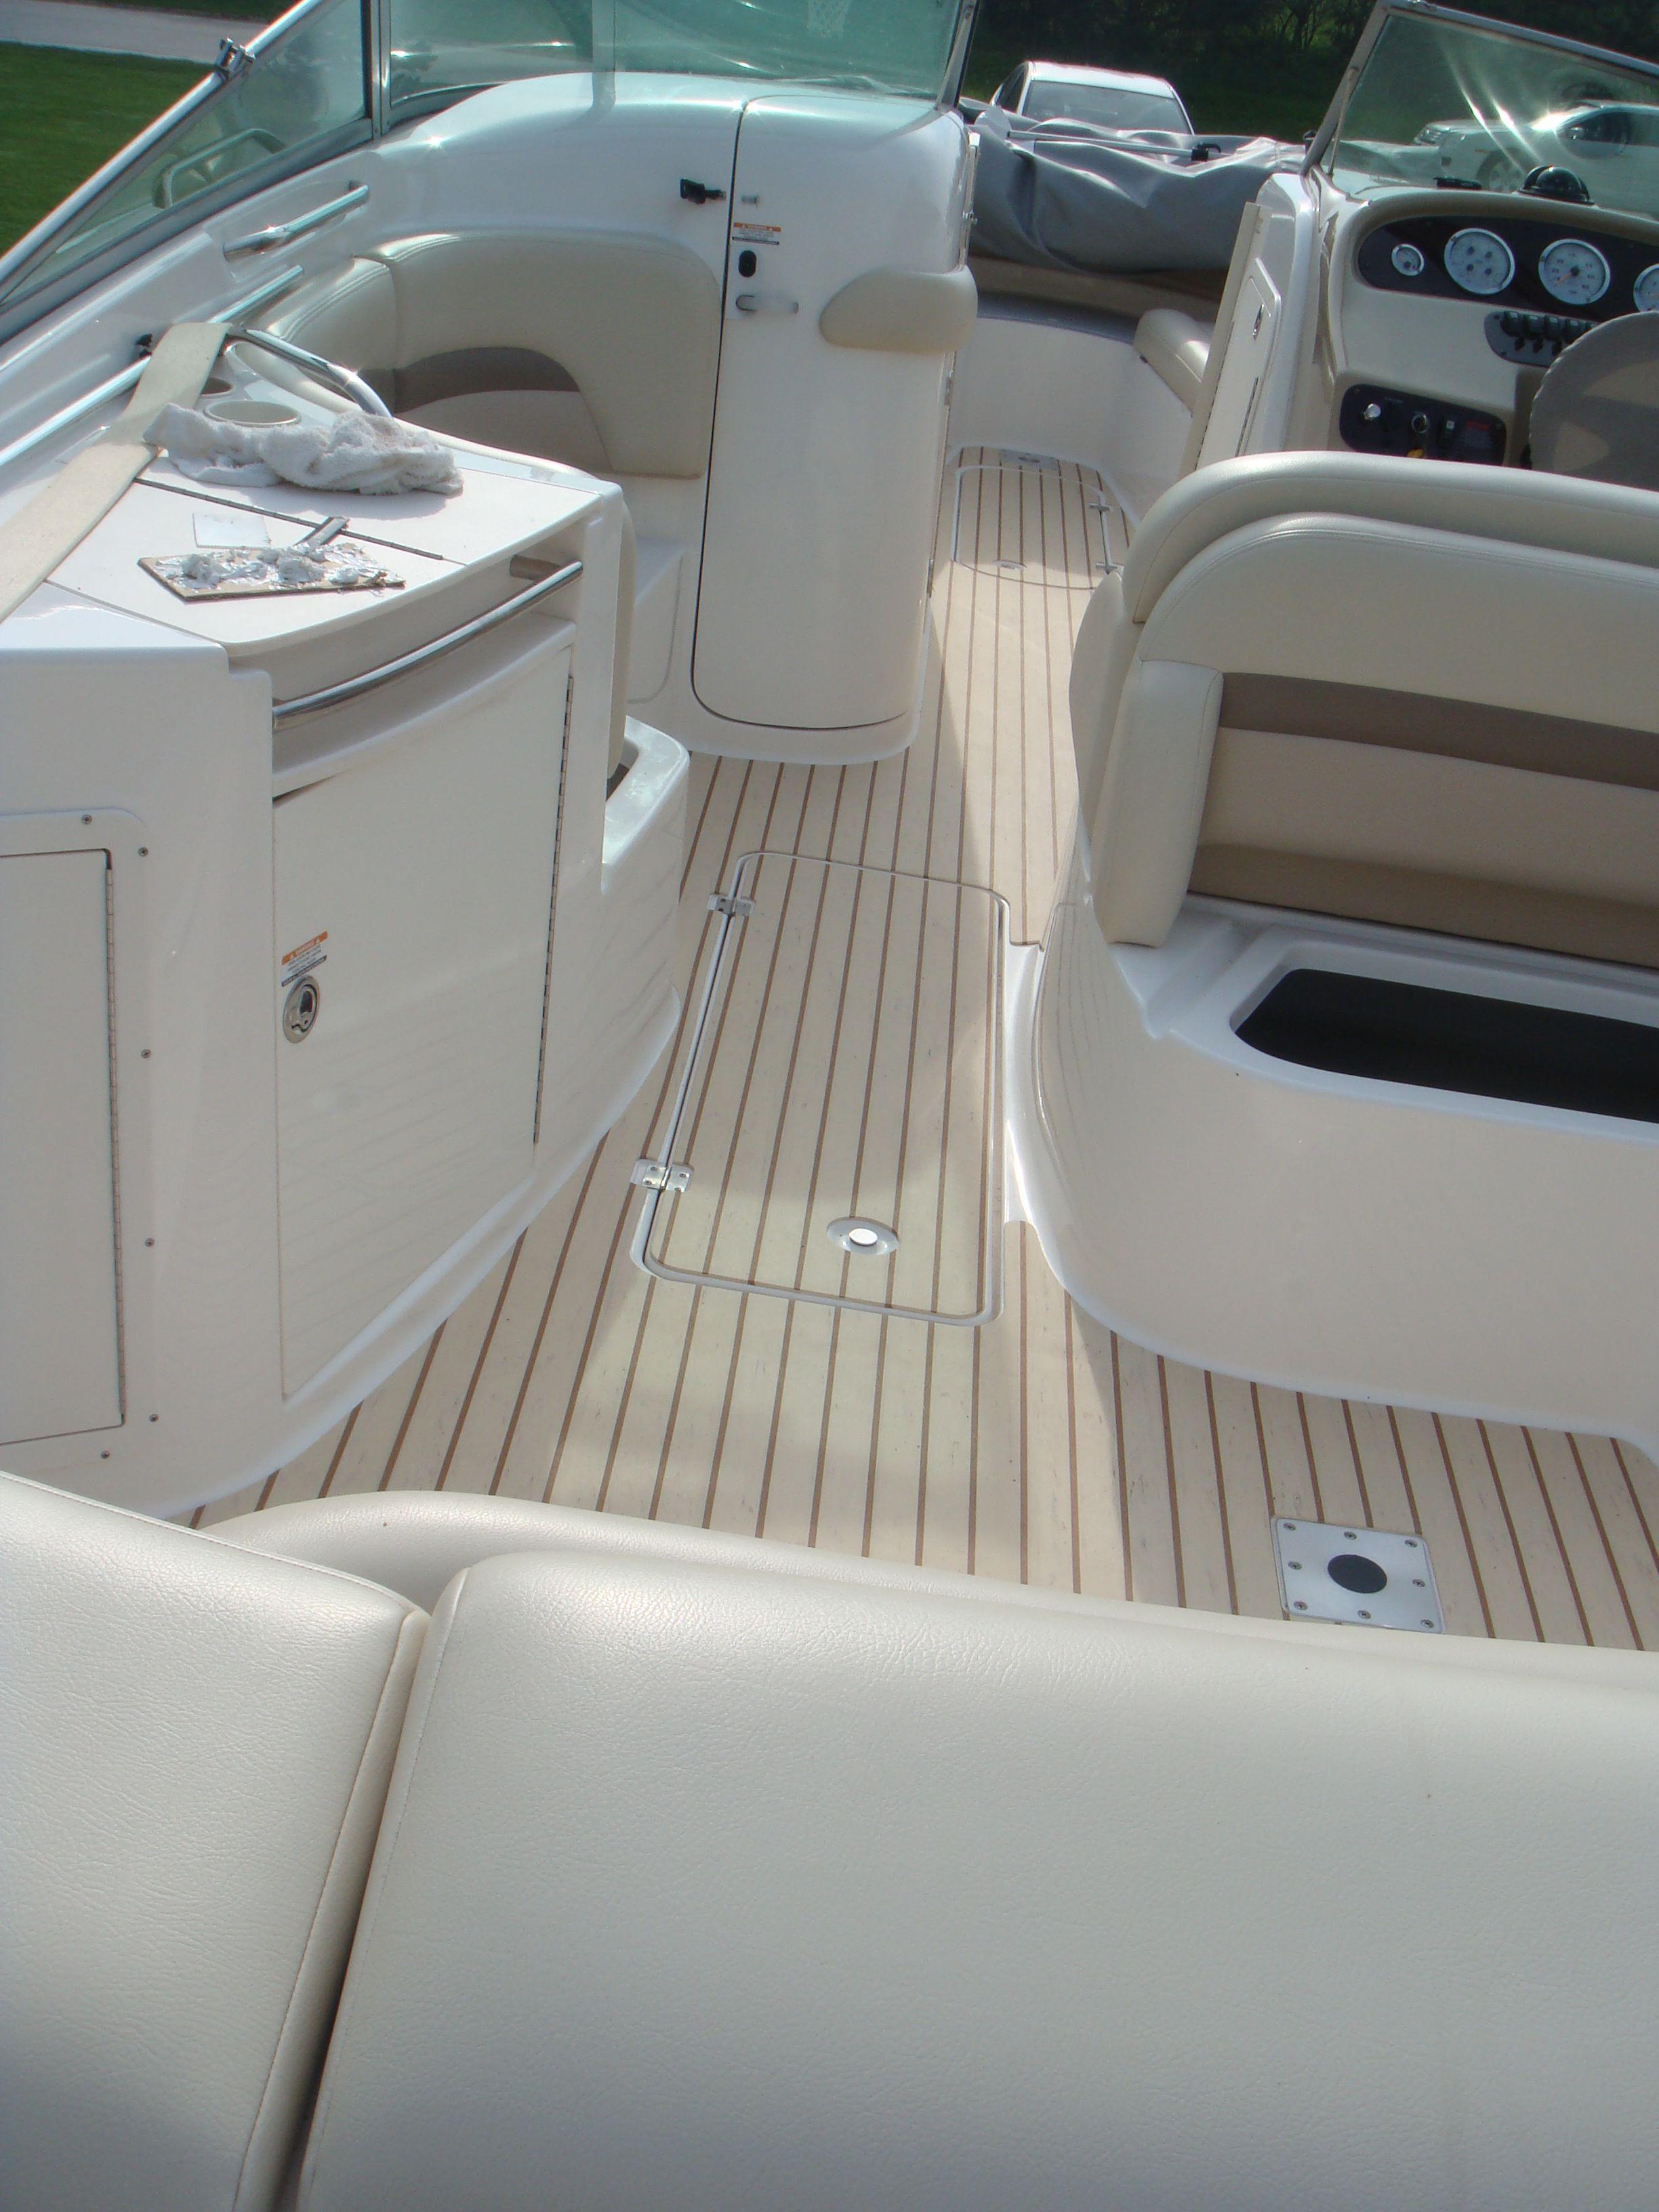 Vinyl Teak Flooring For Boat Solution, Vinyl Floor Covering For Boats Agent